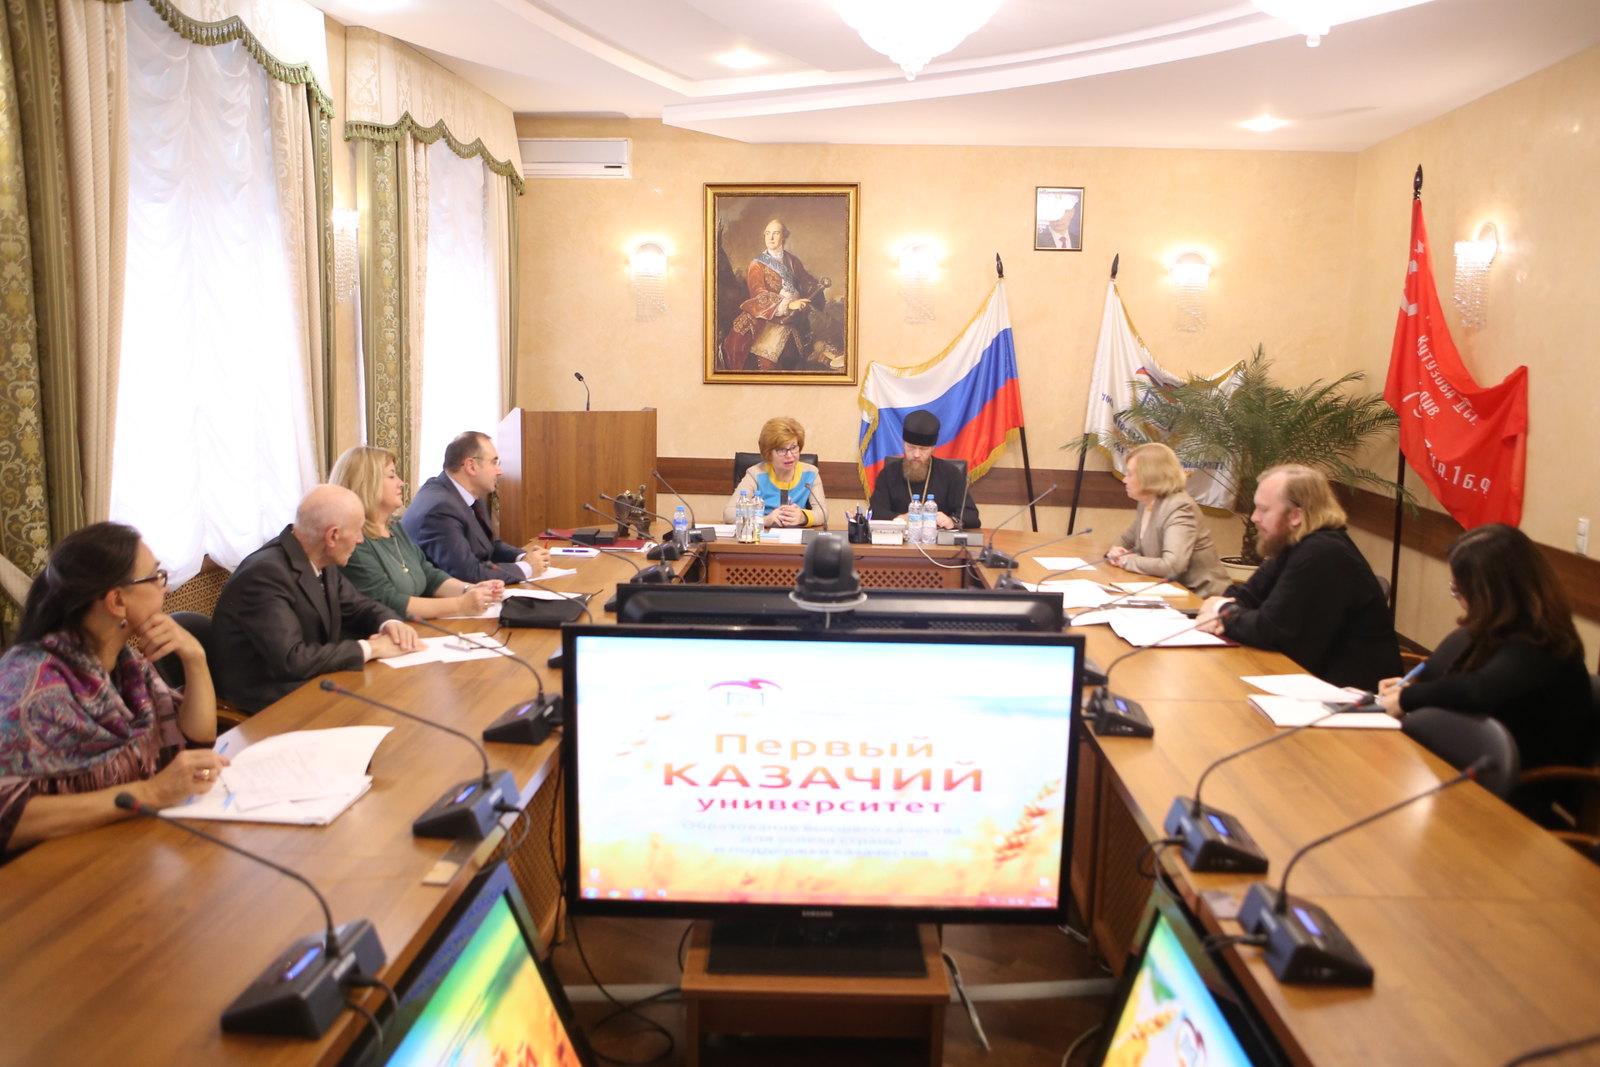 МГУТУ имени К.Г. Разумовского